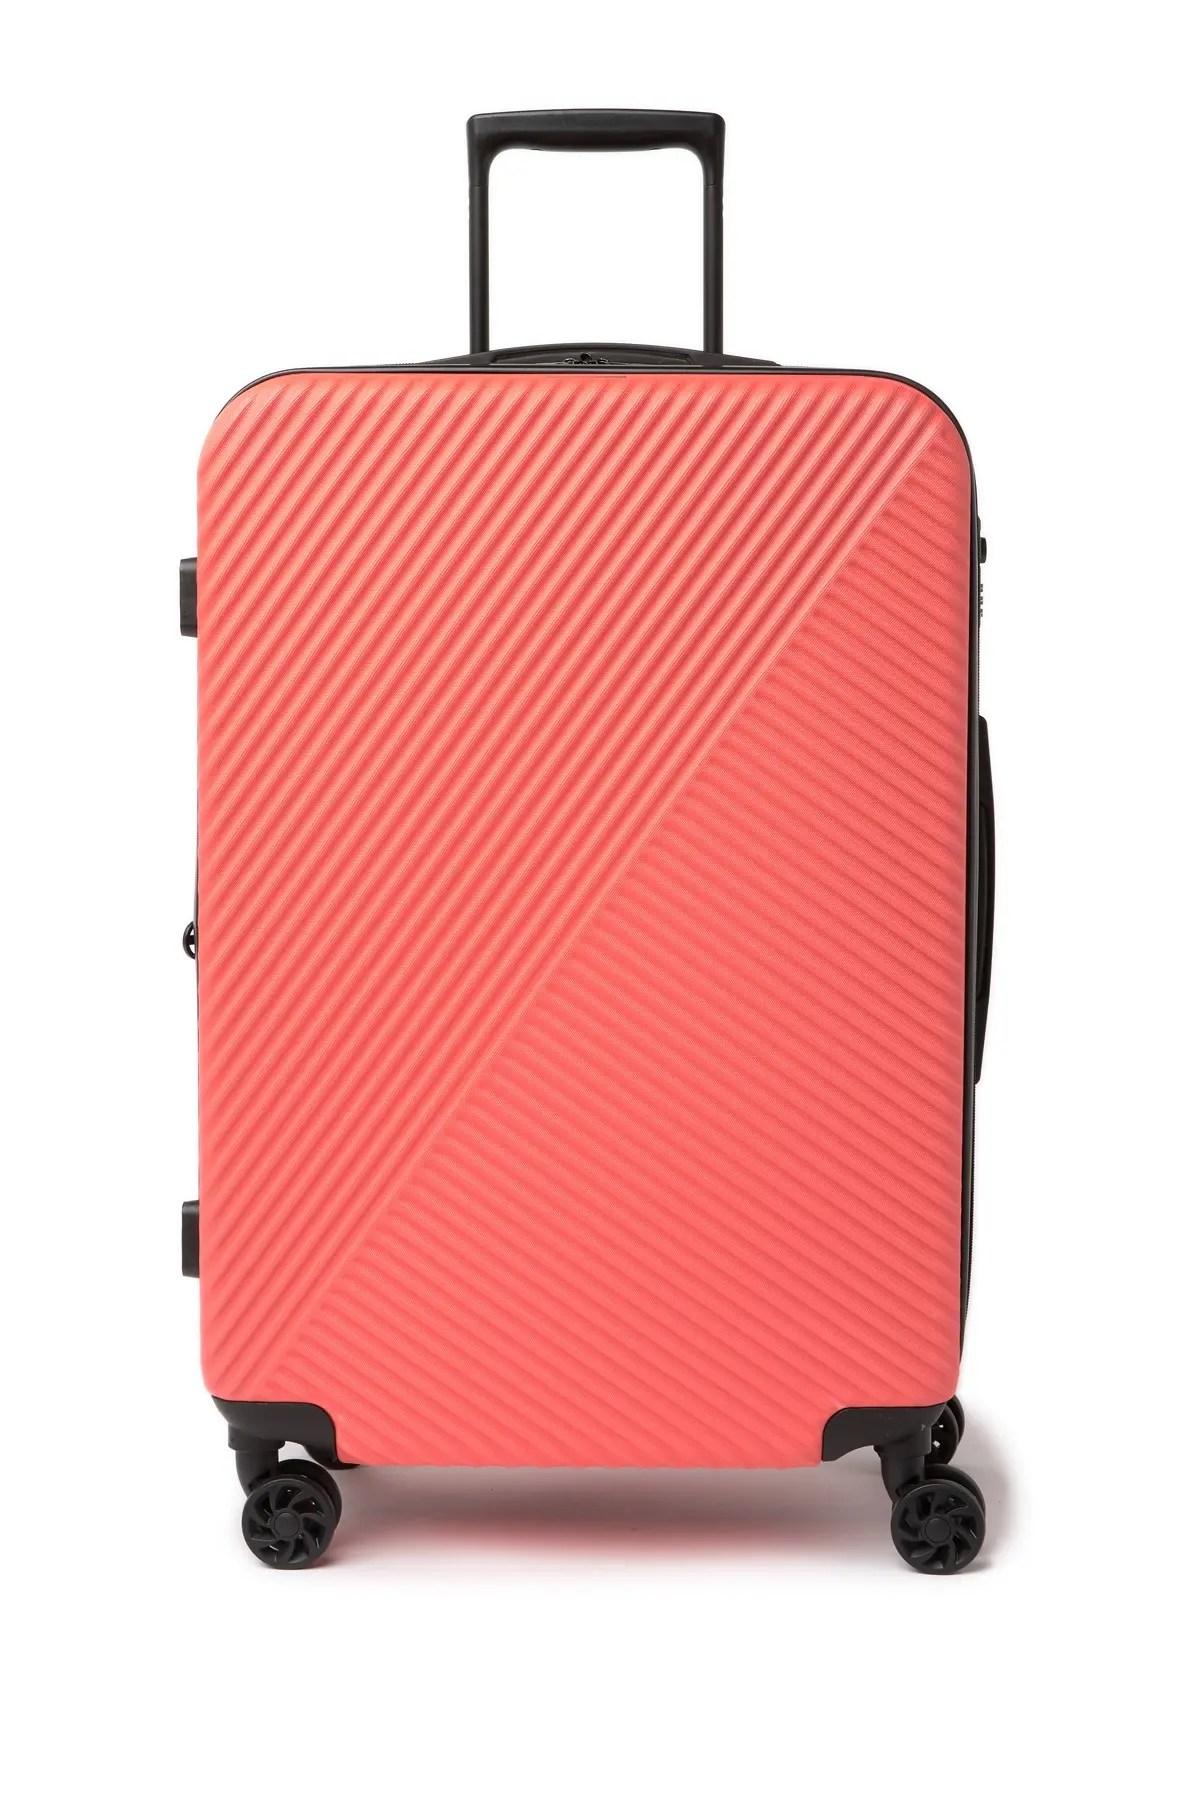 calpak luggage ryon 24 spinner